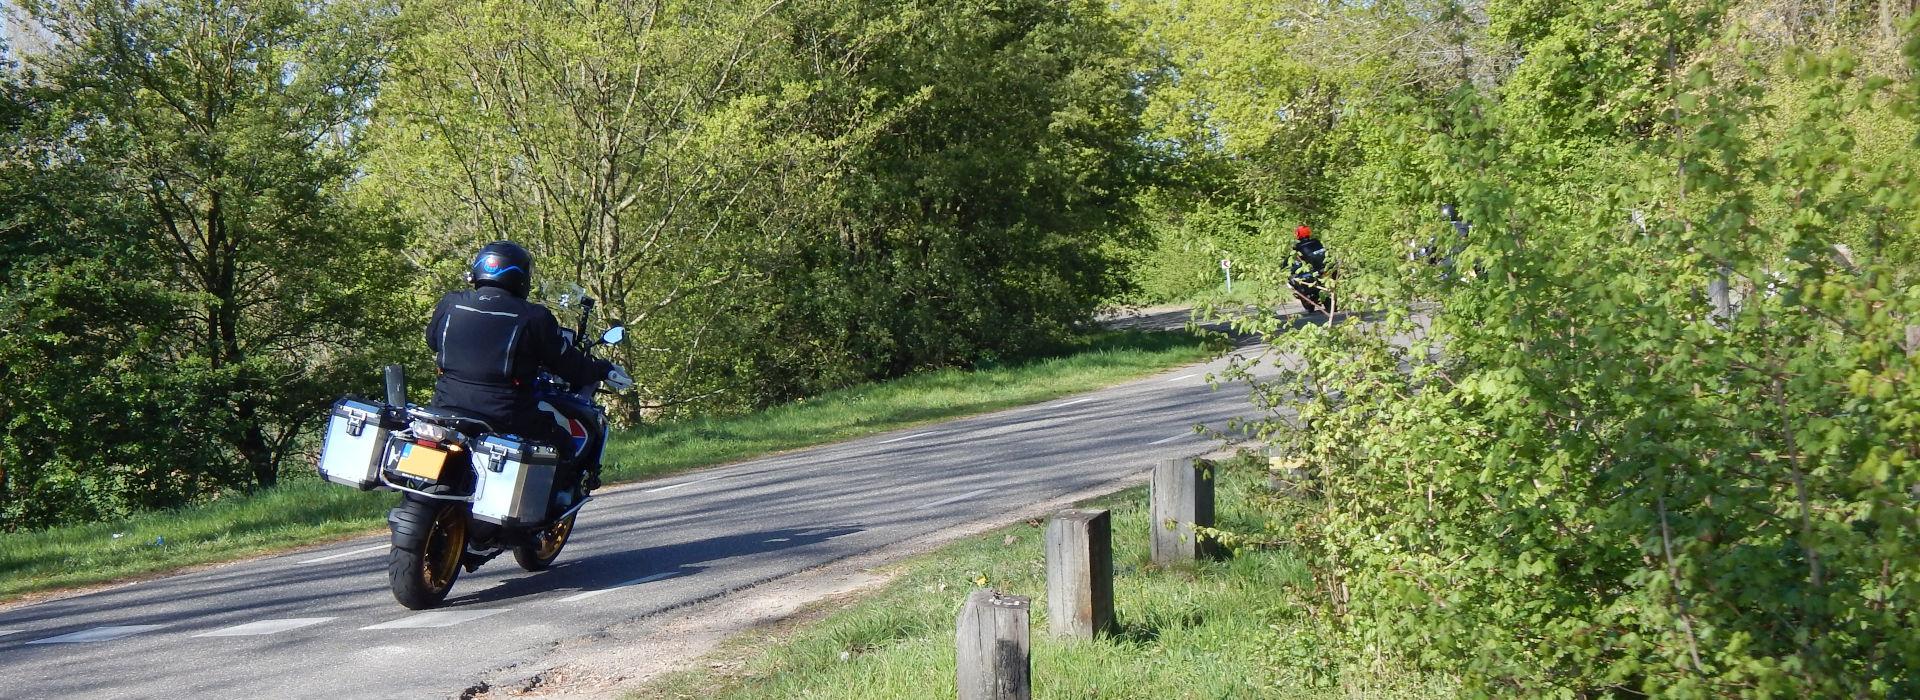 Motorrijbewijspoint Moergestel spoed motorrijbewijs